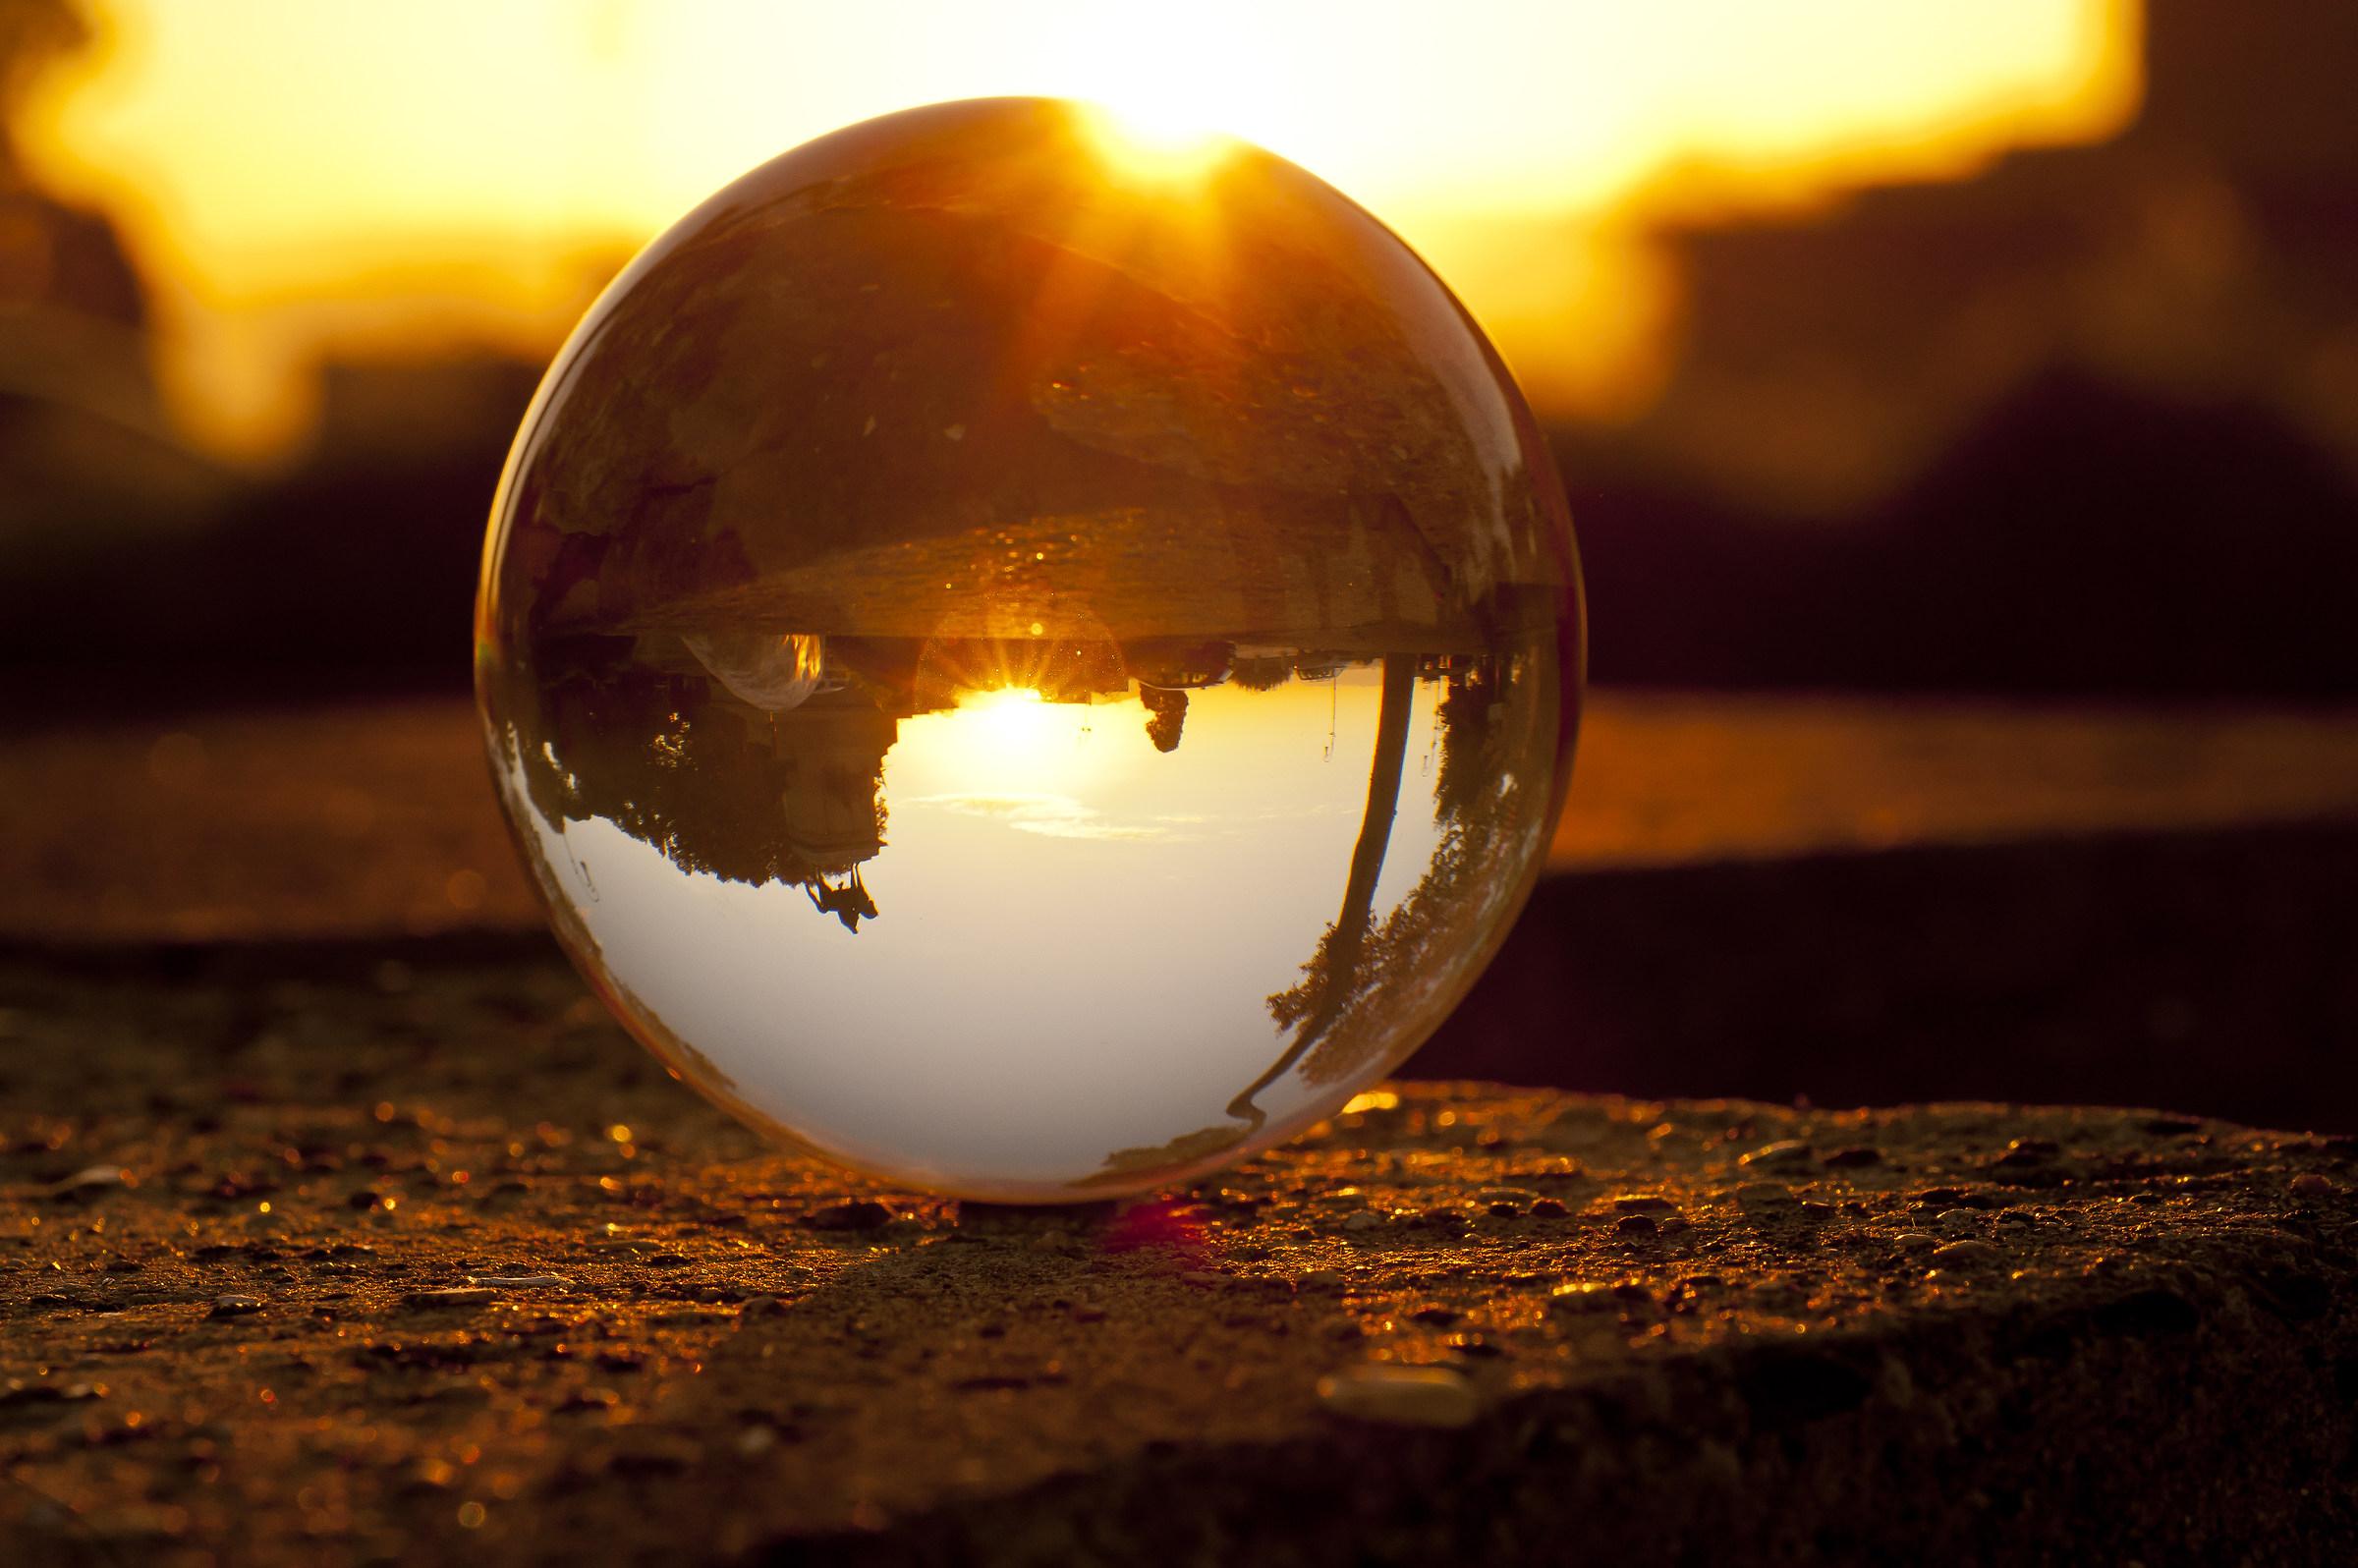 l'alba in una sfera...